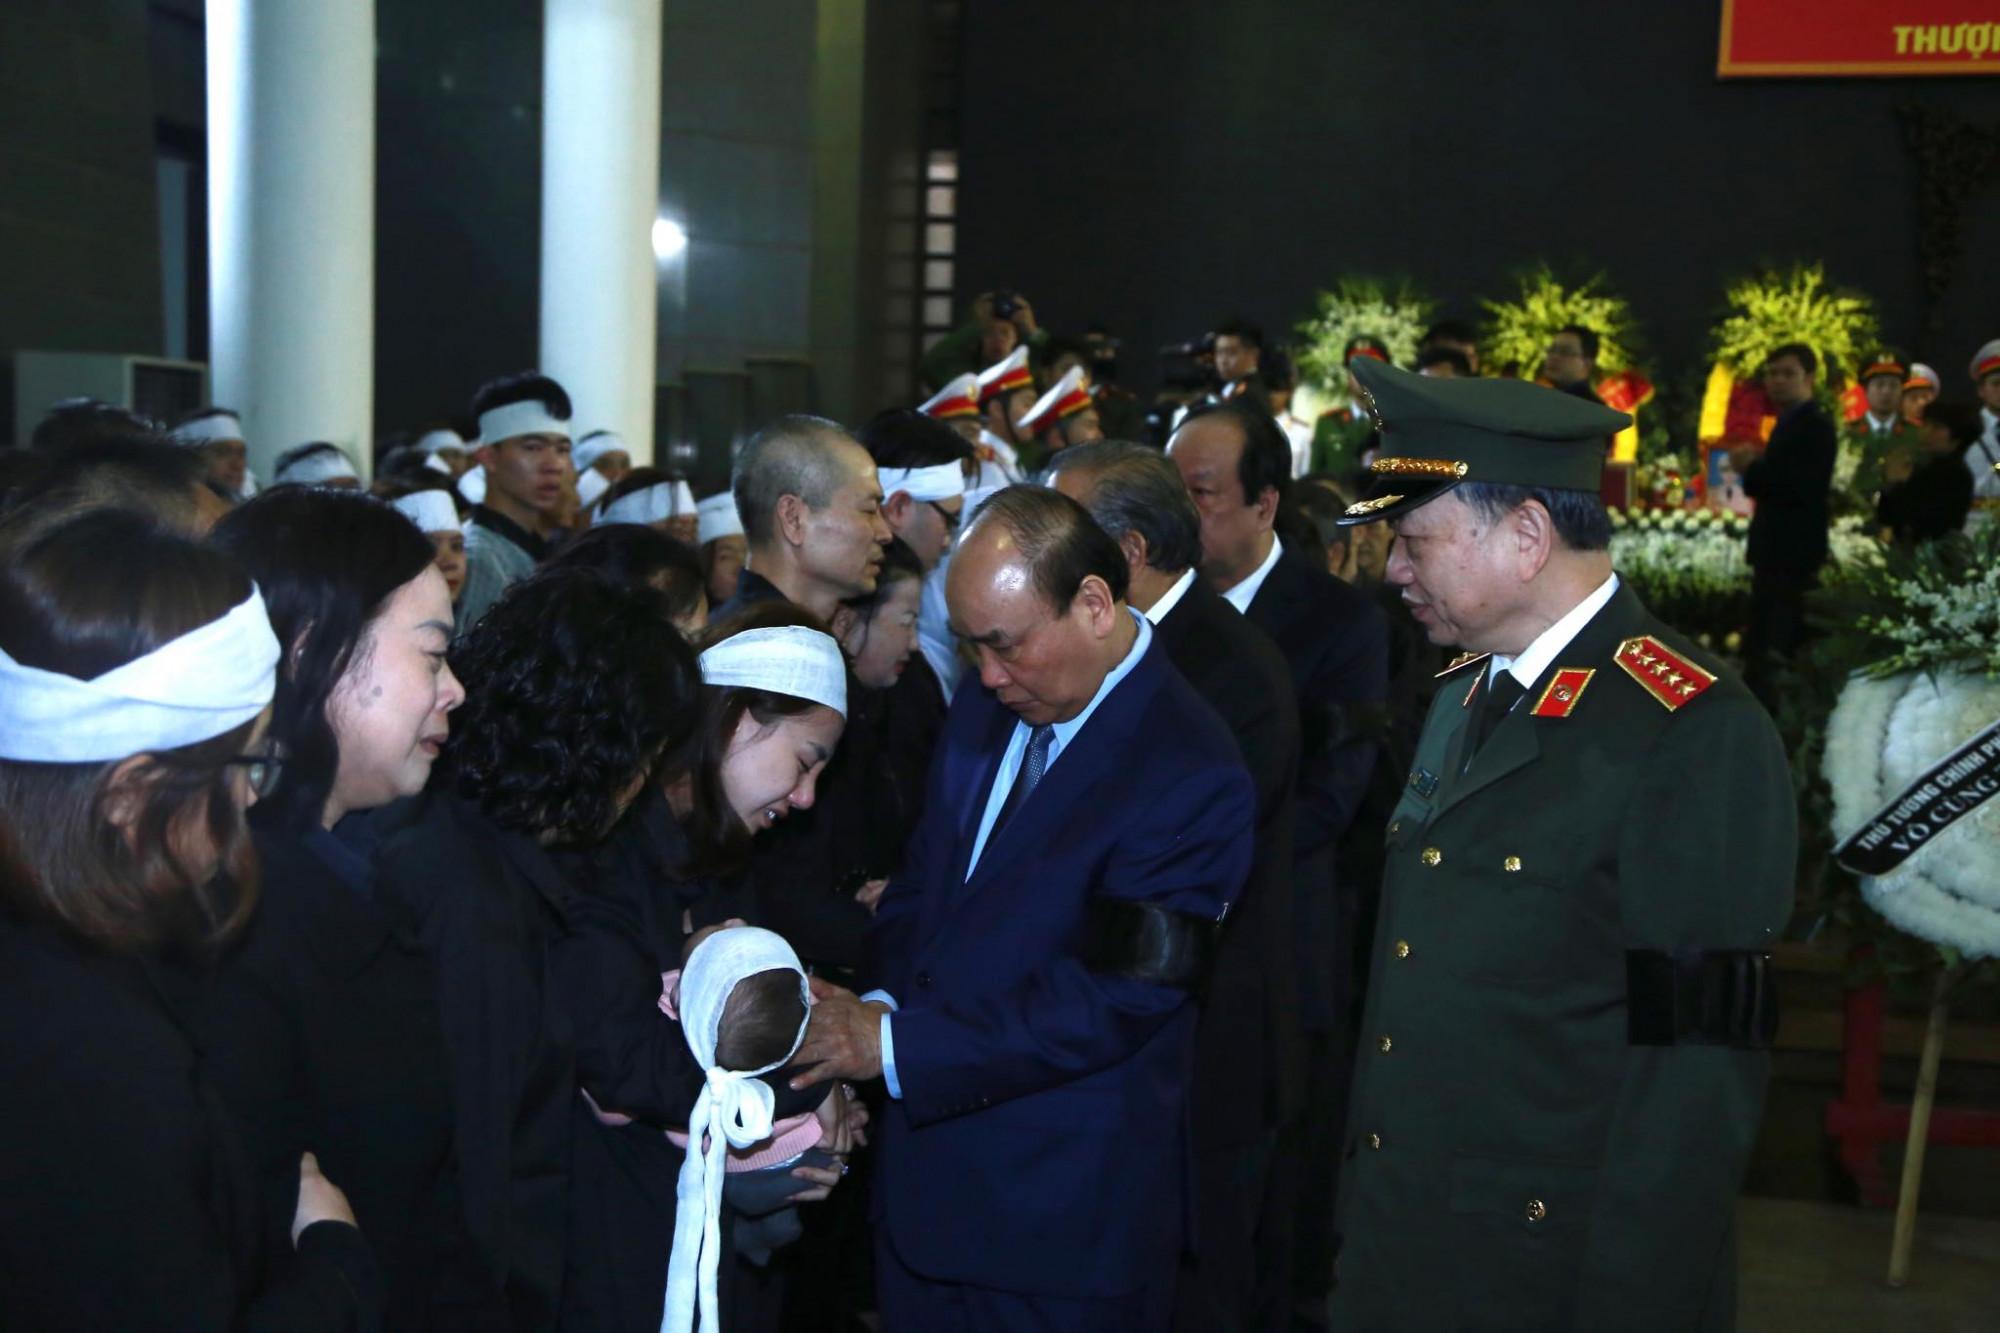 Đoàn Chính phủ do Thủ tướng Nguyễn Xuân Phúc hỏi thăm thân nhân các liệt sĩ